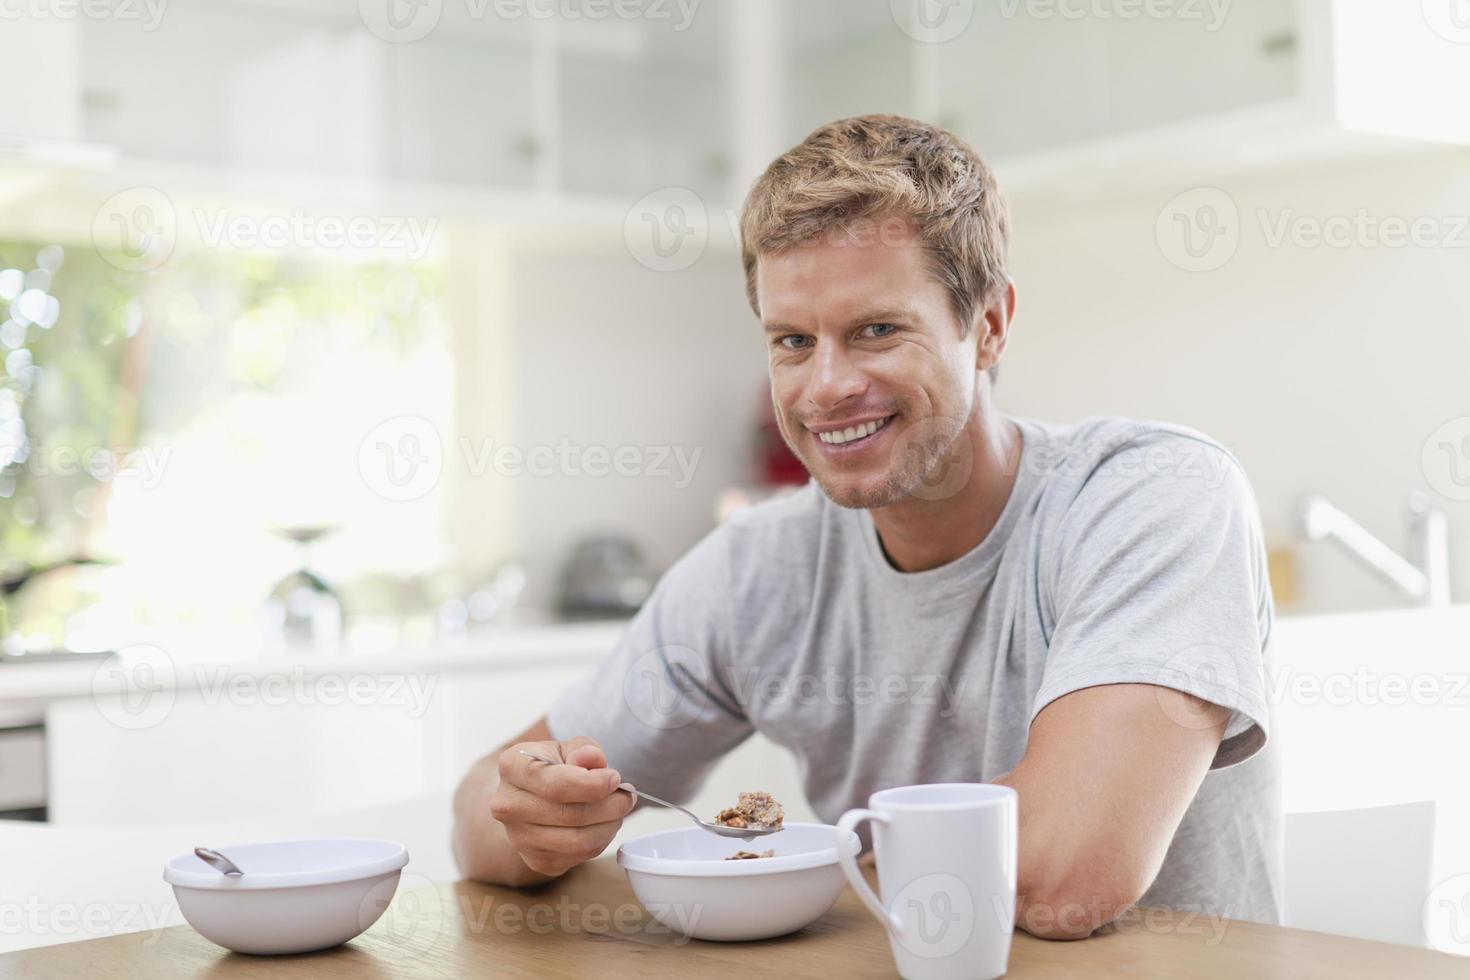 homme mangeant le petit déjeuner dans la cuisine photo